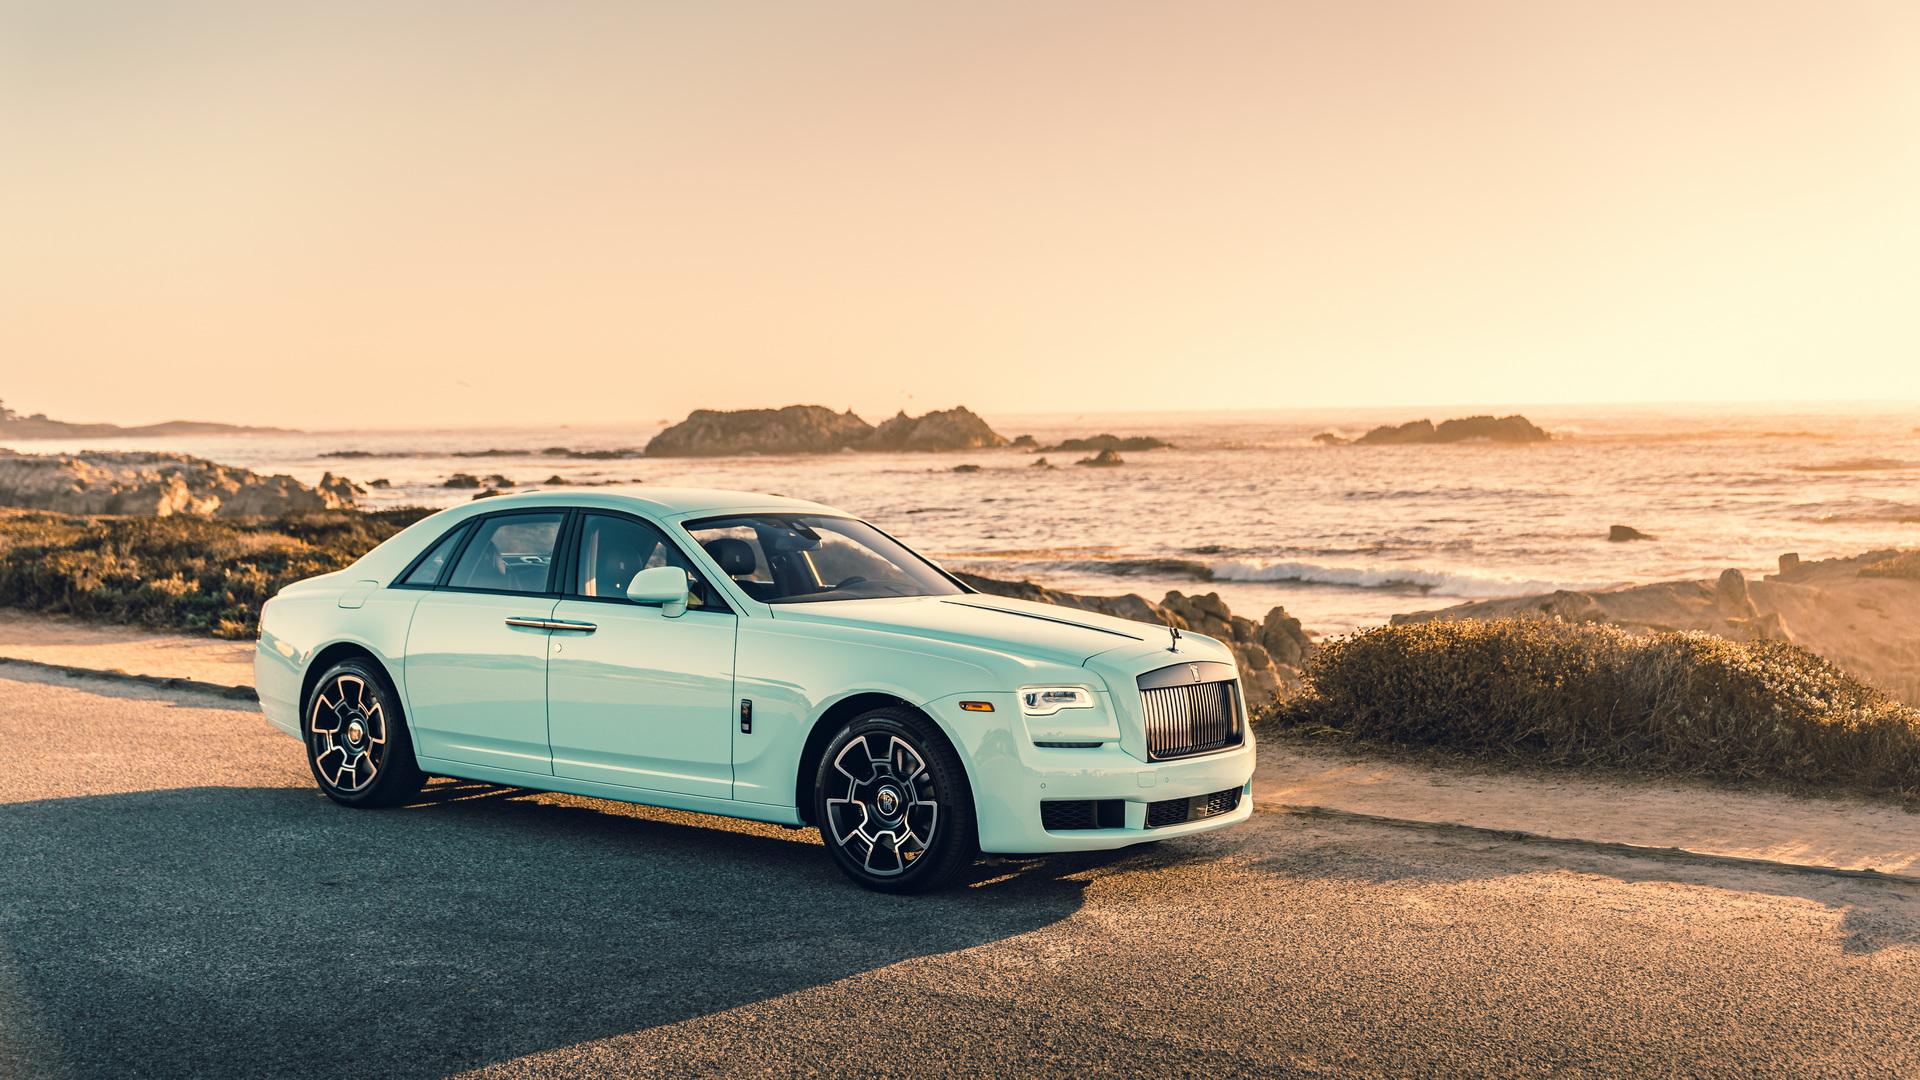 Компания Rolls-Royce придумала очень необычную должность для 8-летней девочки